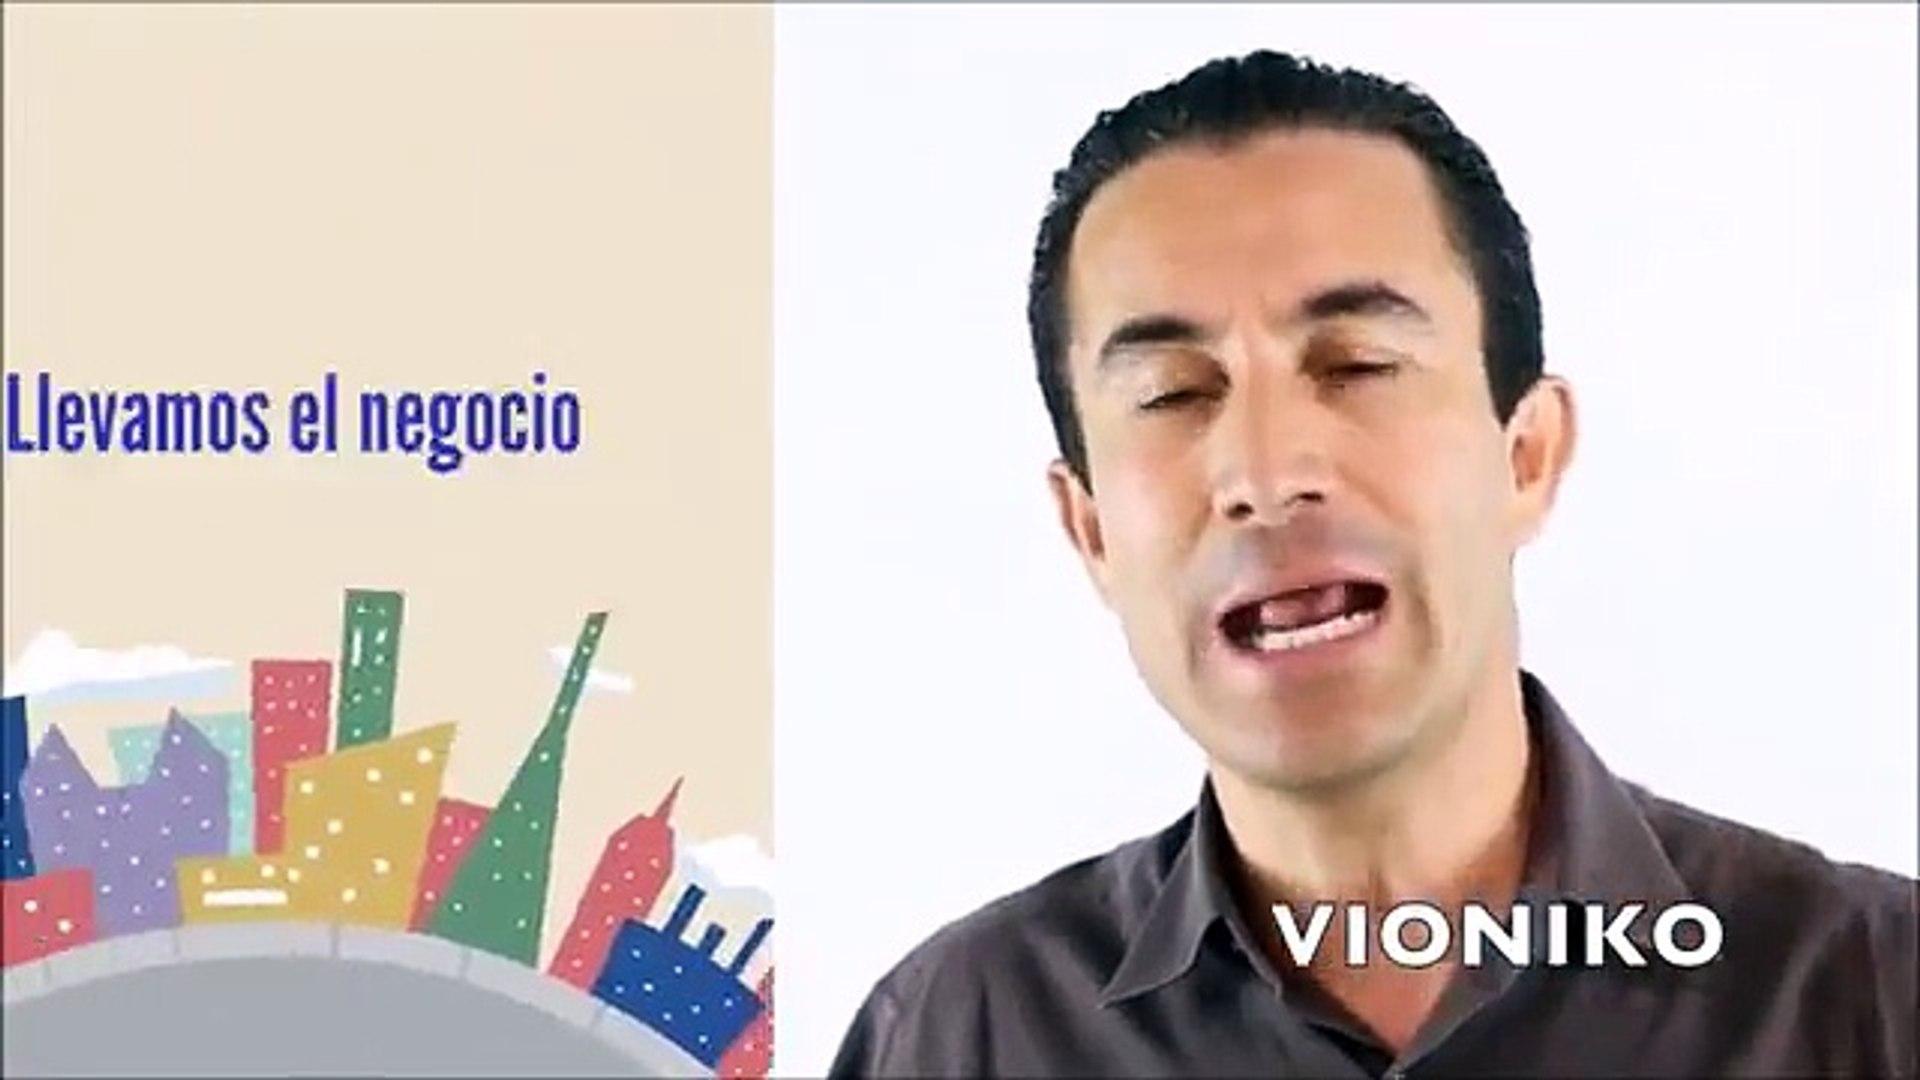 Vioniko Revision | Sorprendente Vioniko Revision Por Luis Landeros